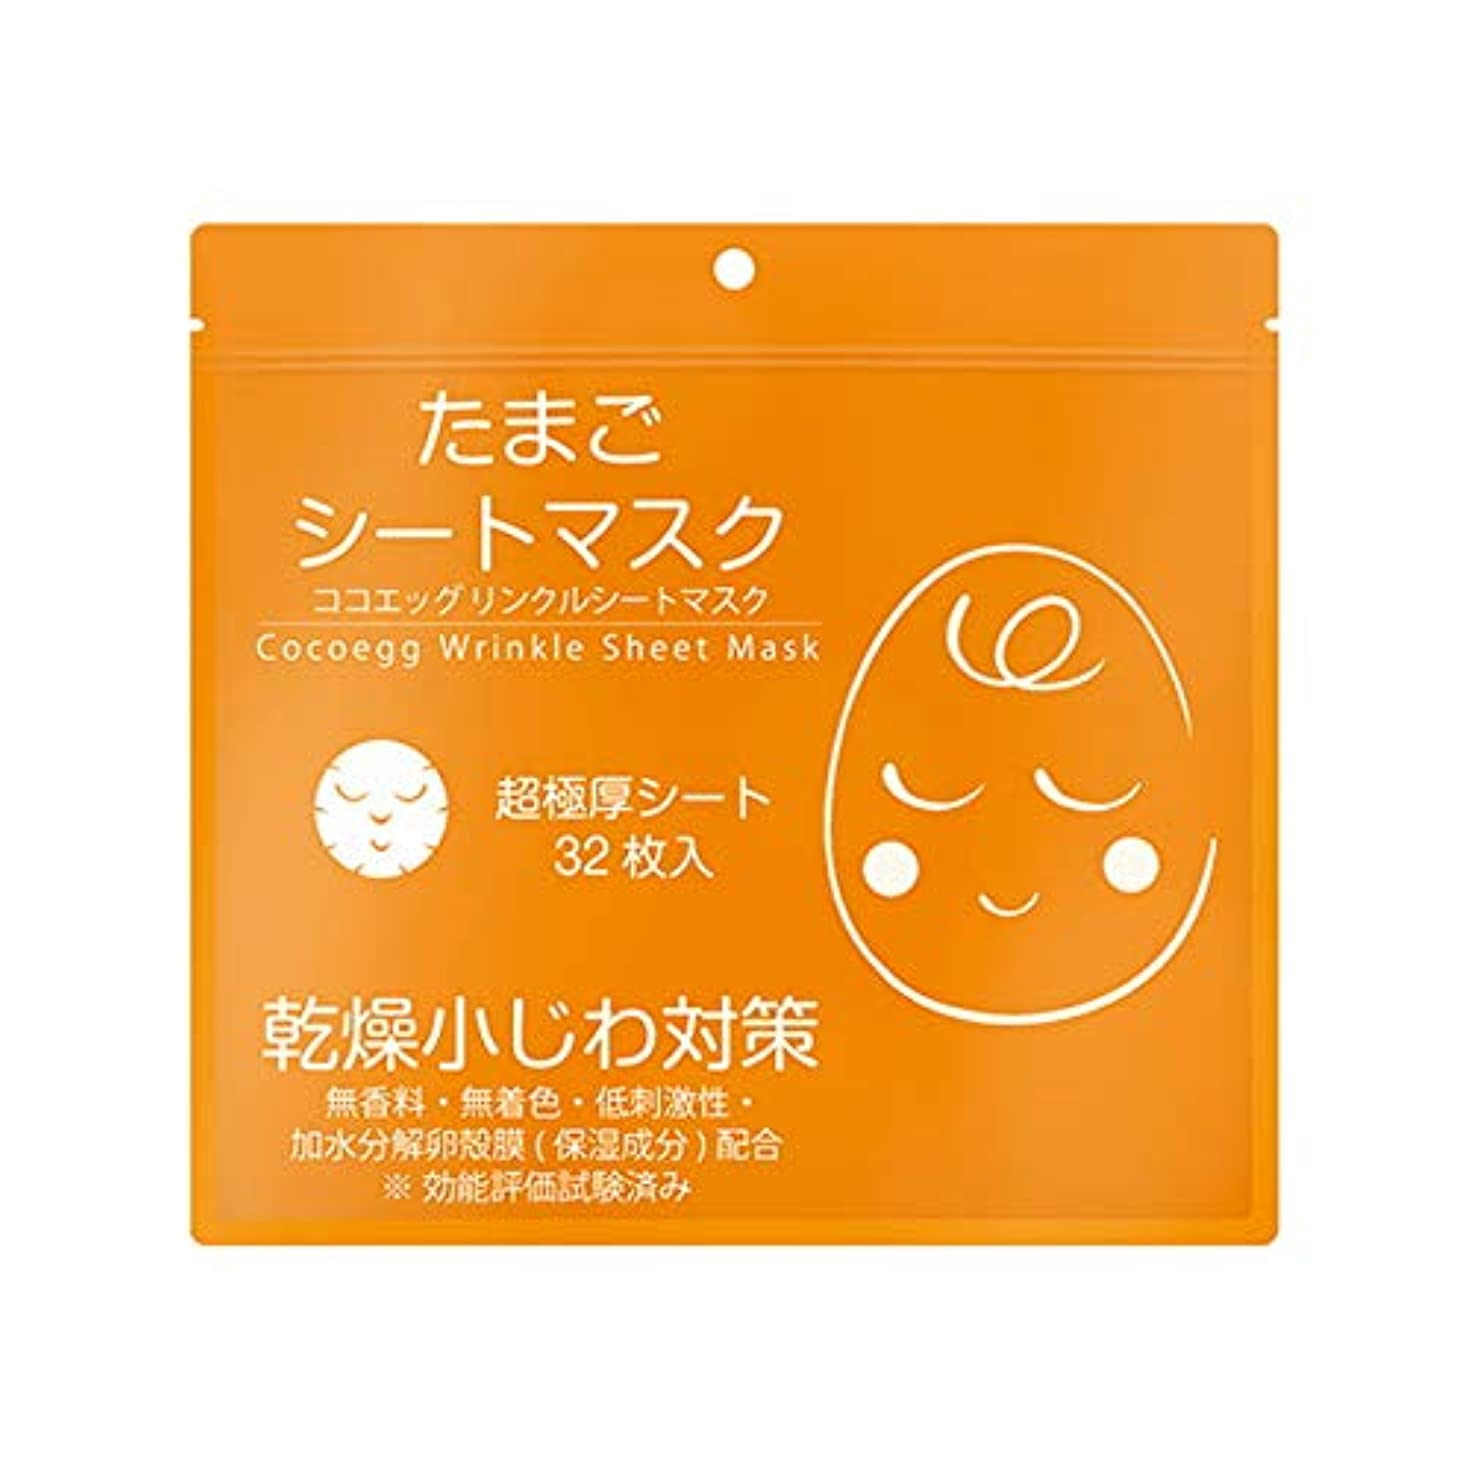 レザーブラジャー同様にココエッグ CCEリンクルシートマスク フェイスマスク W249×D23×H209mm